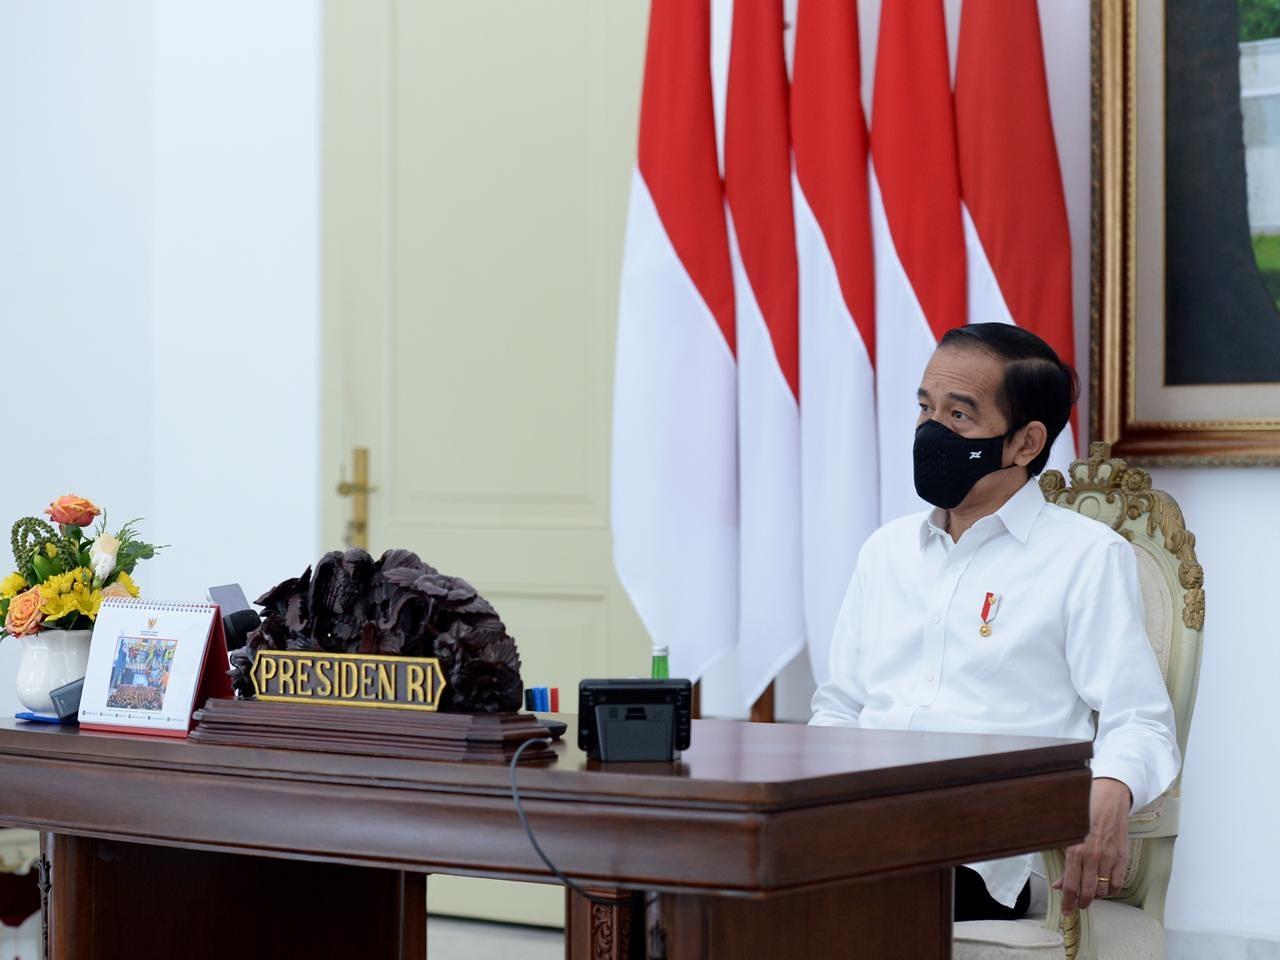 Presiden Jokowi Minta Daya Ungkit Ekonomi Desa Diperkuat